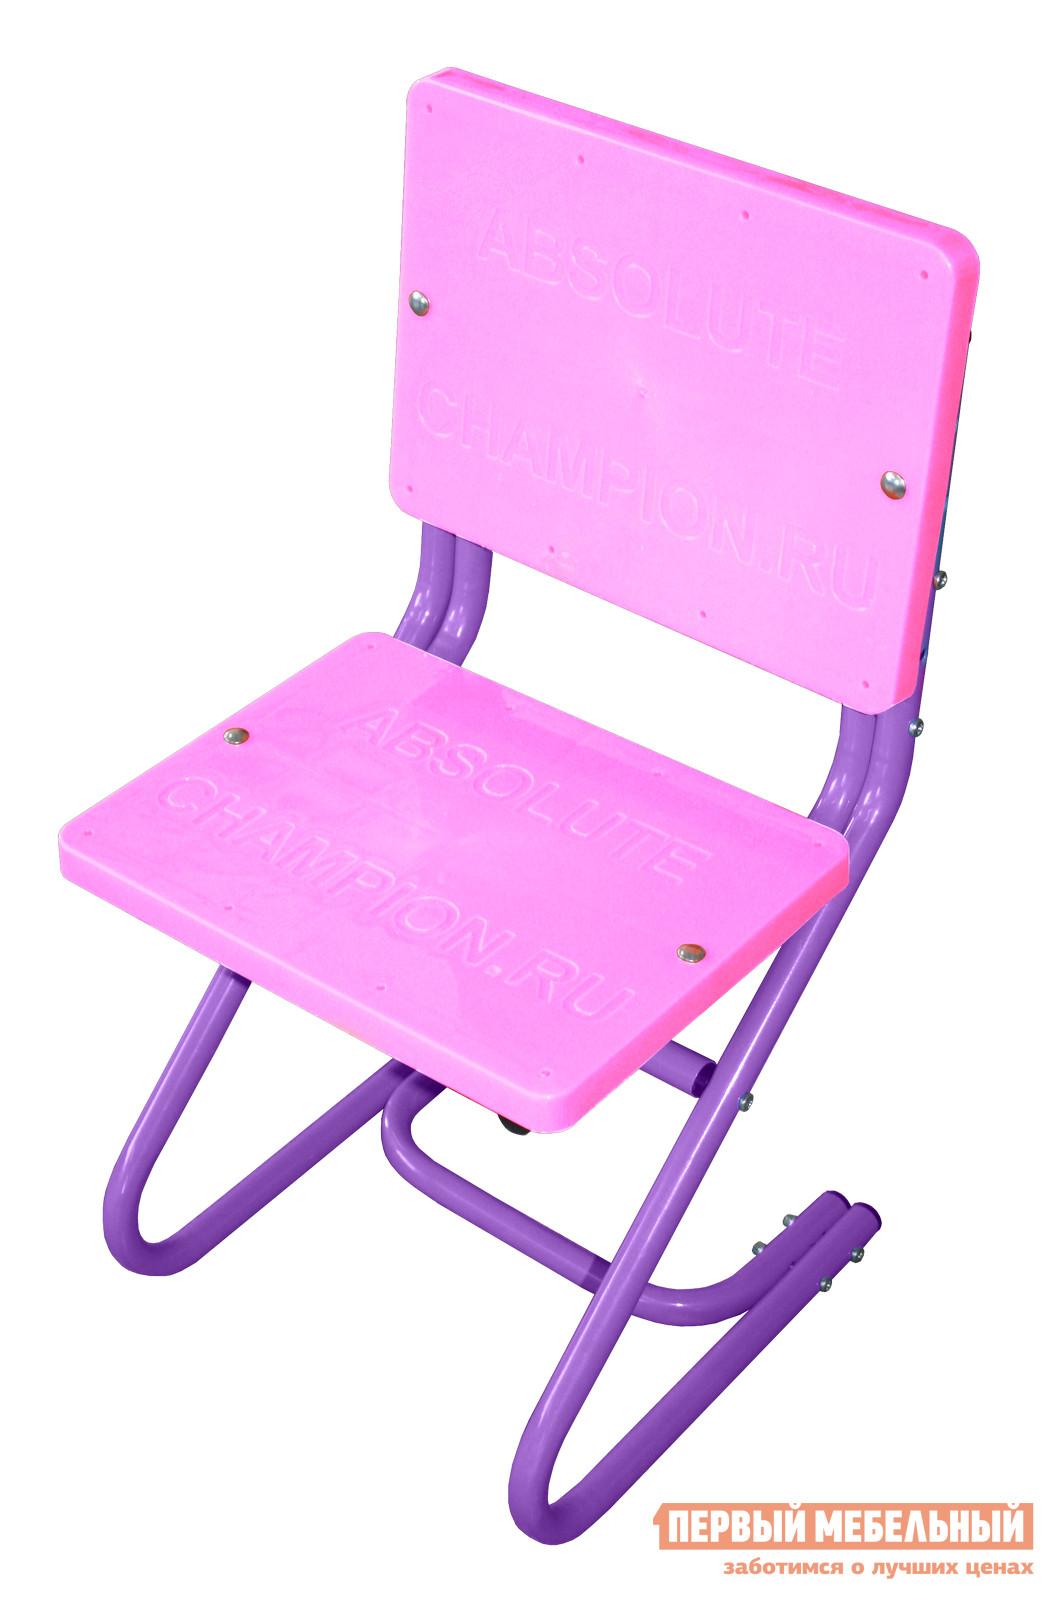 Стул AbsoluteChampion Стул ученический (Розово-фиолетовый) Розово-фиолетовыйДетские стулья<br>Габаритные размеры ВхШхГ 850x295x395 мм. Удобный и практичный стул, который отлично подойдет для оформления рабочего уголка в детской комнате.  Его конструкция проста и очень надежна, он прослужит вам не один учебный год. Высота сиденья регулируется по мере роста ребенка и имеет три уровня: 380, 420 и 460 мм. Спинка и сиденье выполнены из неприхотливого в уходе и износостойкого пластика ПВХ.  Каркас выполнен из прочной стальной трубы.<br><br>Цвет: Розово-фиолетовый<br>Цвет: Фиолетовый<br>Цвет: Розовый<br>Высота мм: 850<br>Ширина мм: 295<br>Глубина мм: 395<br>Кол-во упаковок: 1<br>Форма поставки: В разобранном виде<br>Срок гарантии: 1 год<br>Особенности: Без подлокотников